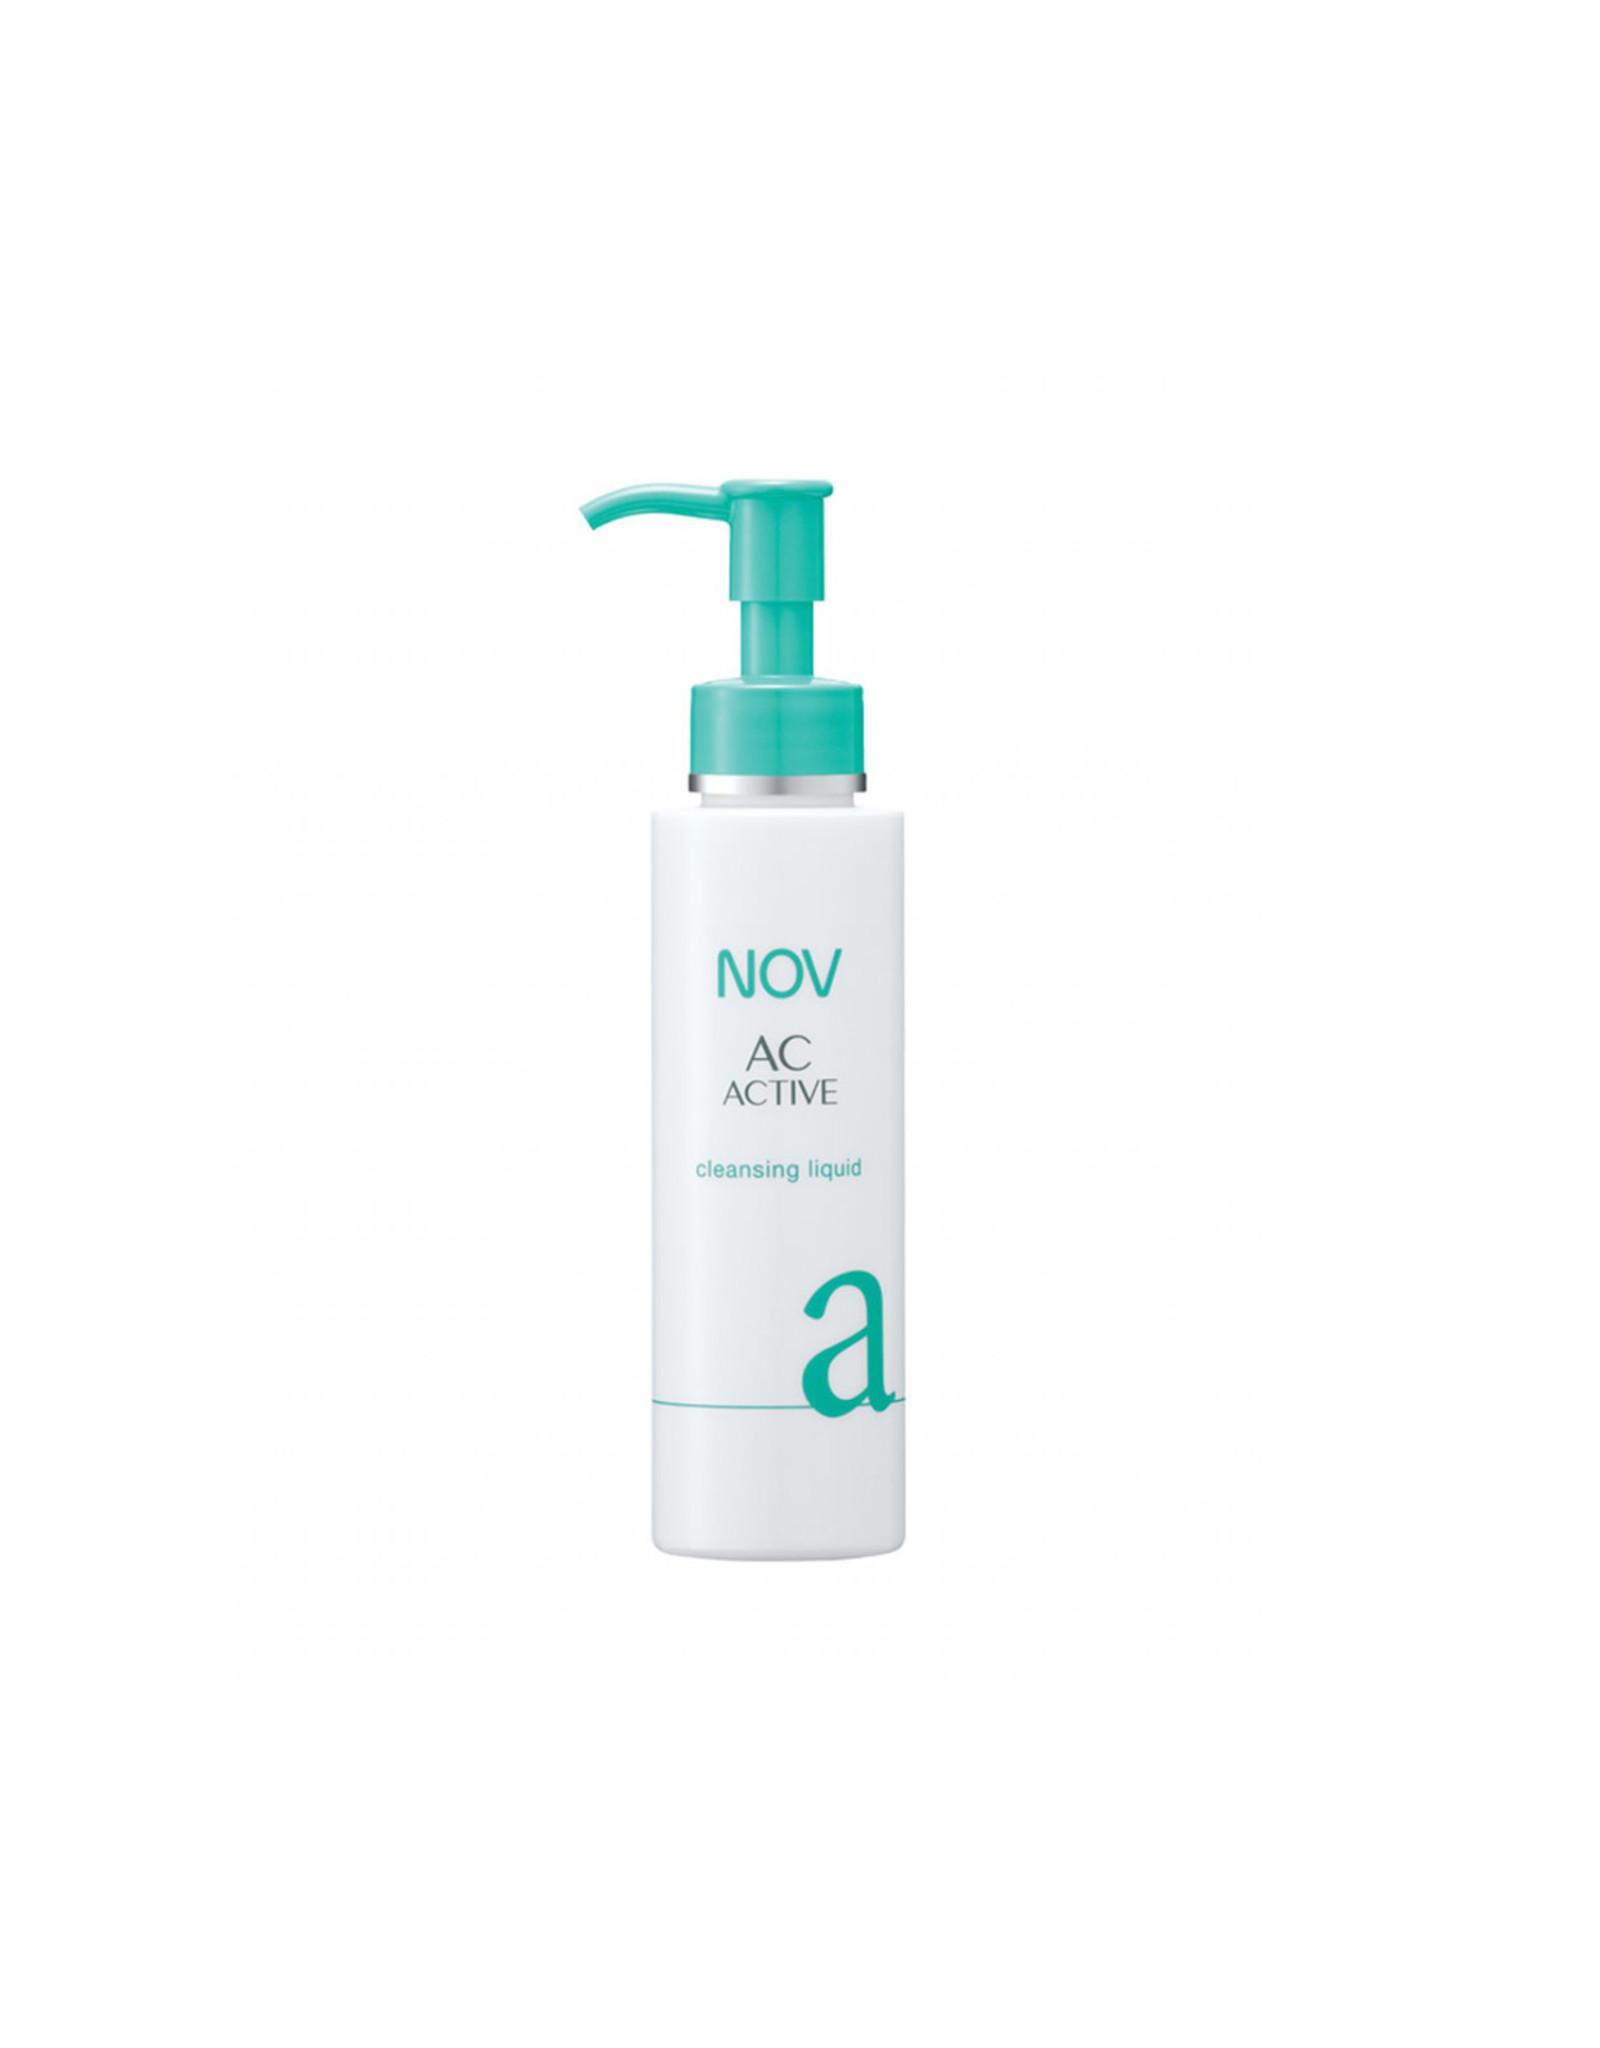 NOV Nov AC Active Cleansing Liquid